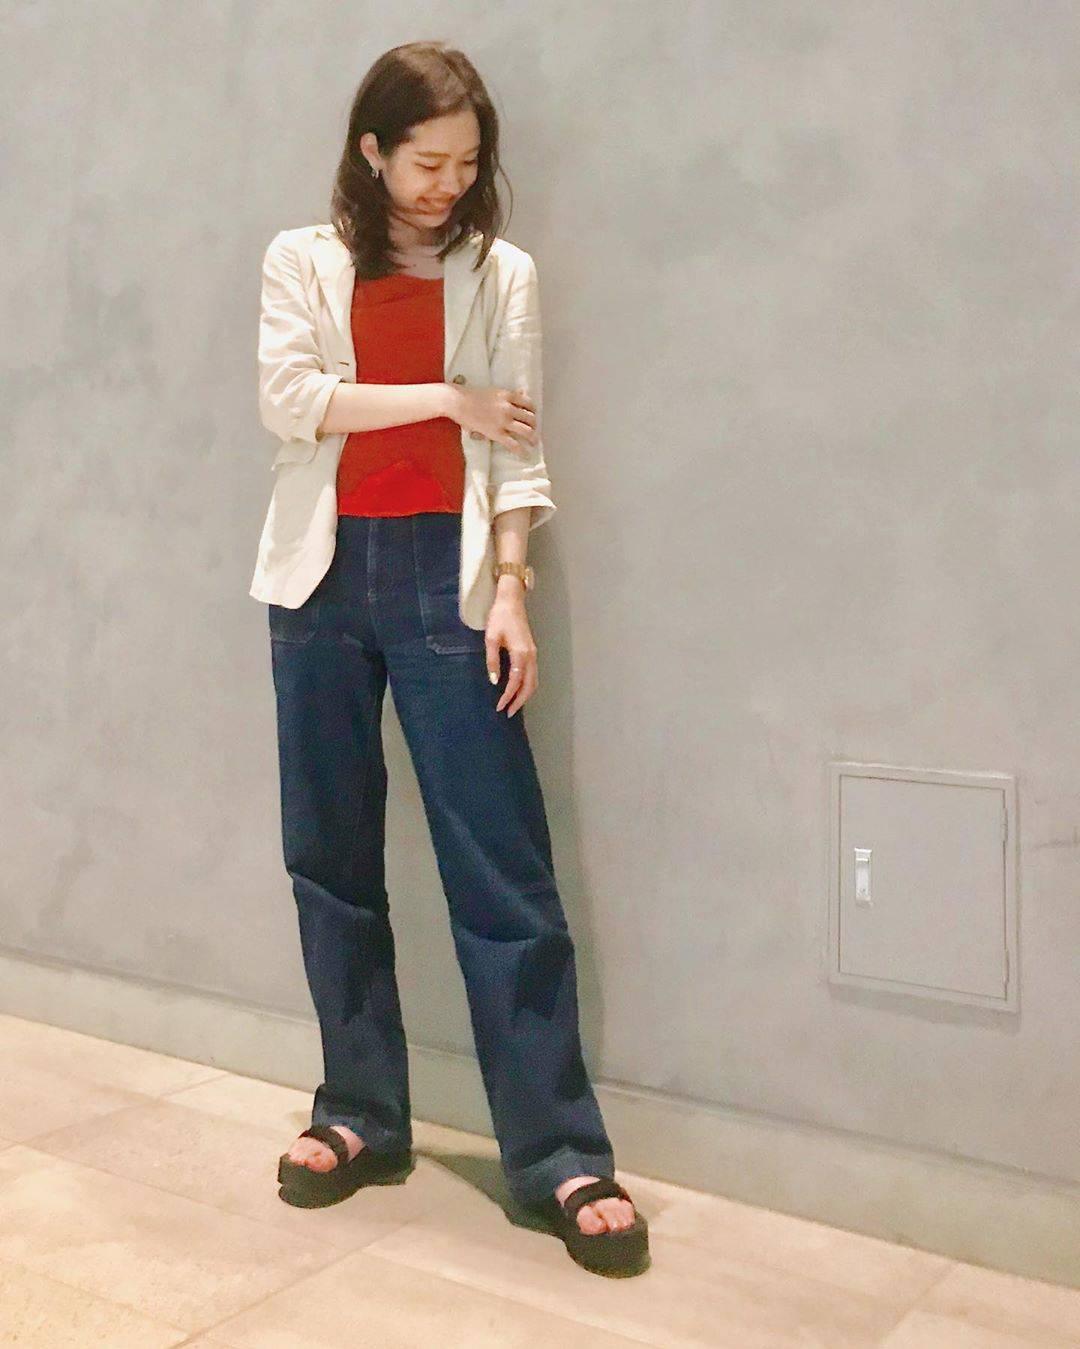 最高気温22度・最低気温13度 hikari_k0122の服装